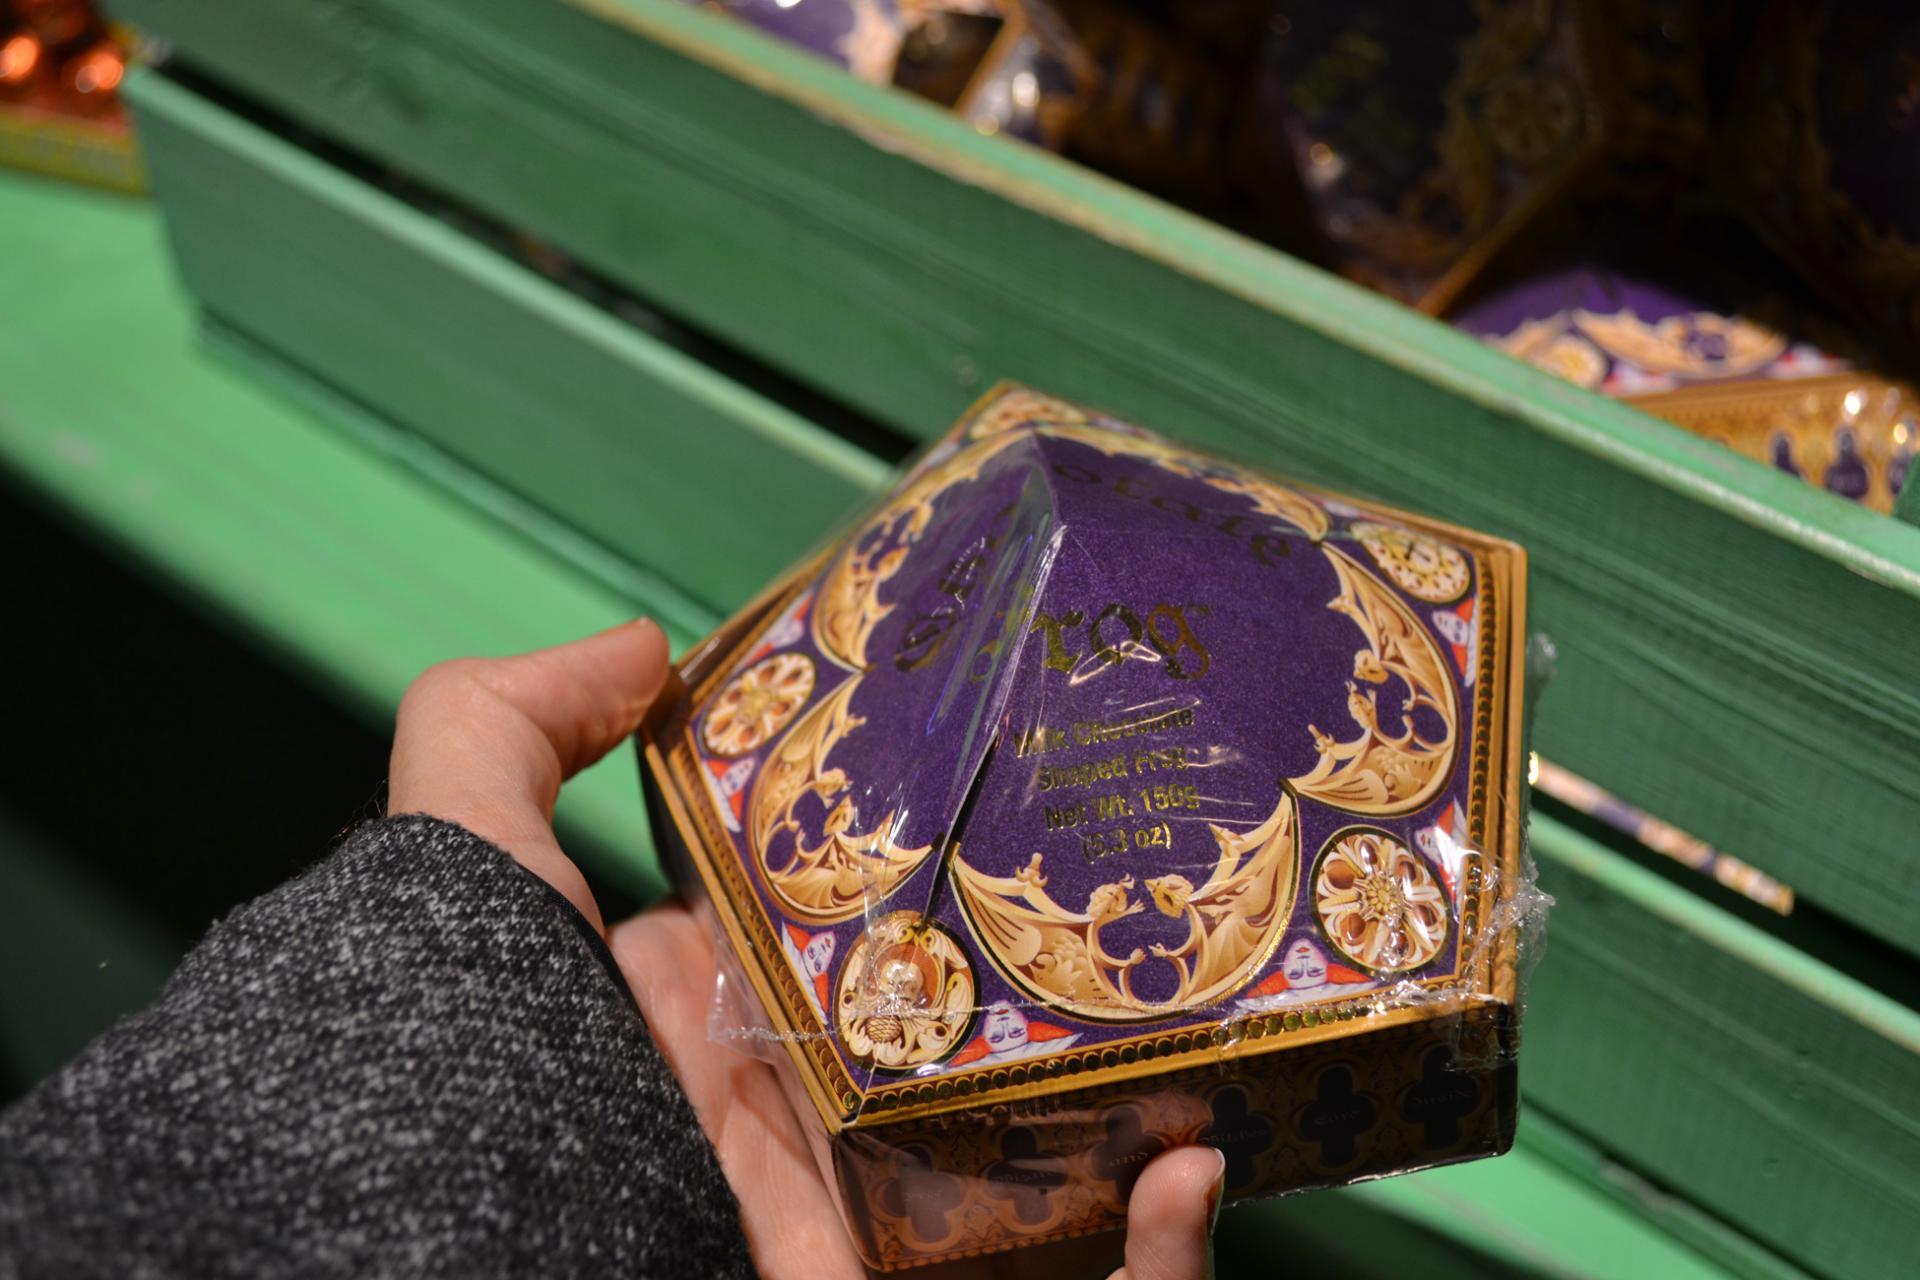 Una Rana de Chocolate en la tienda de los Estudios de Harry Potter